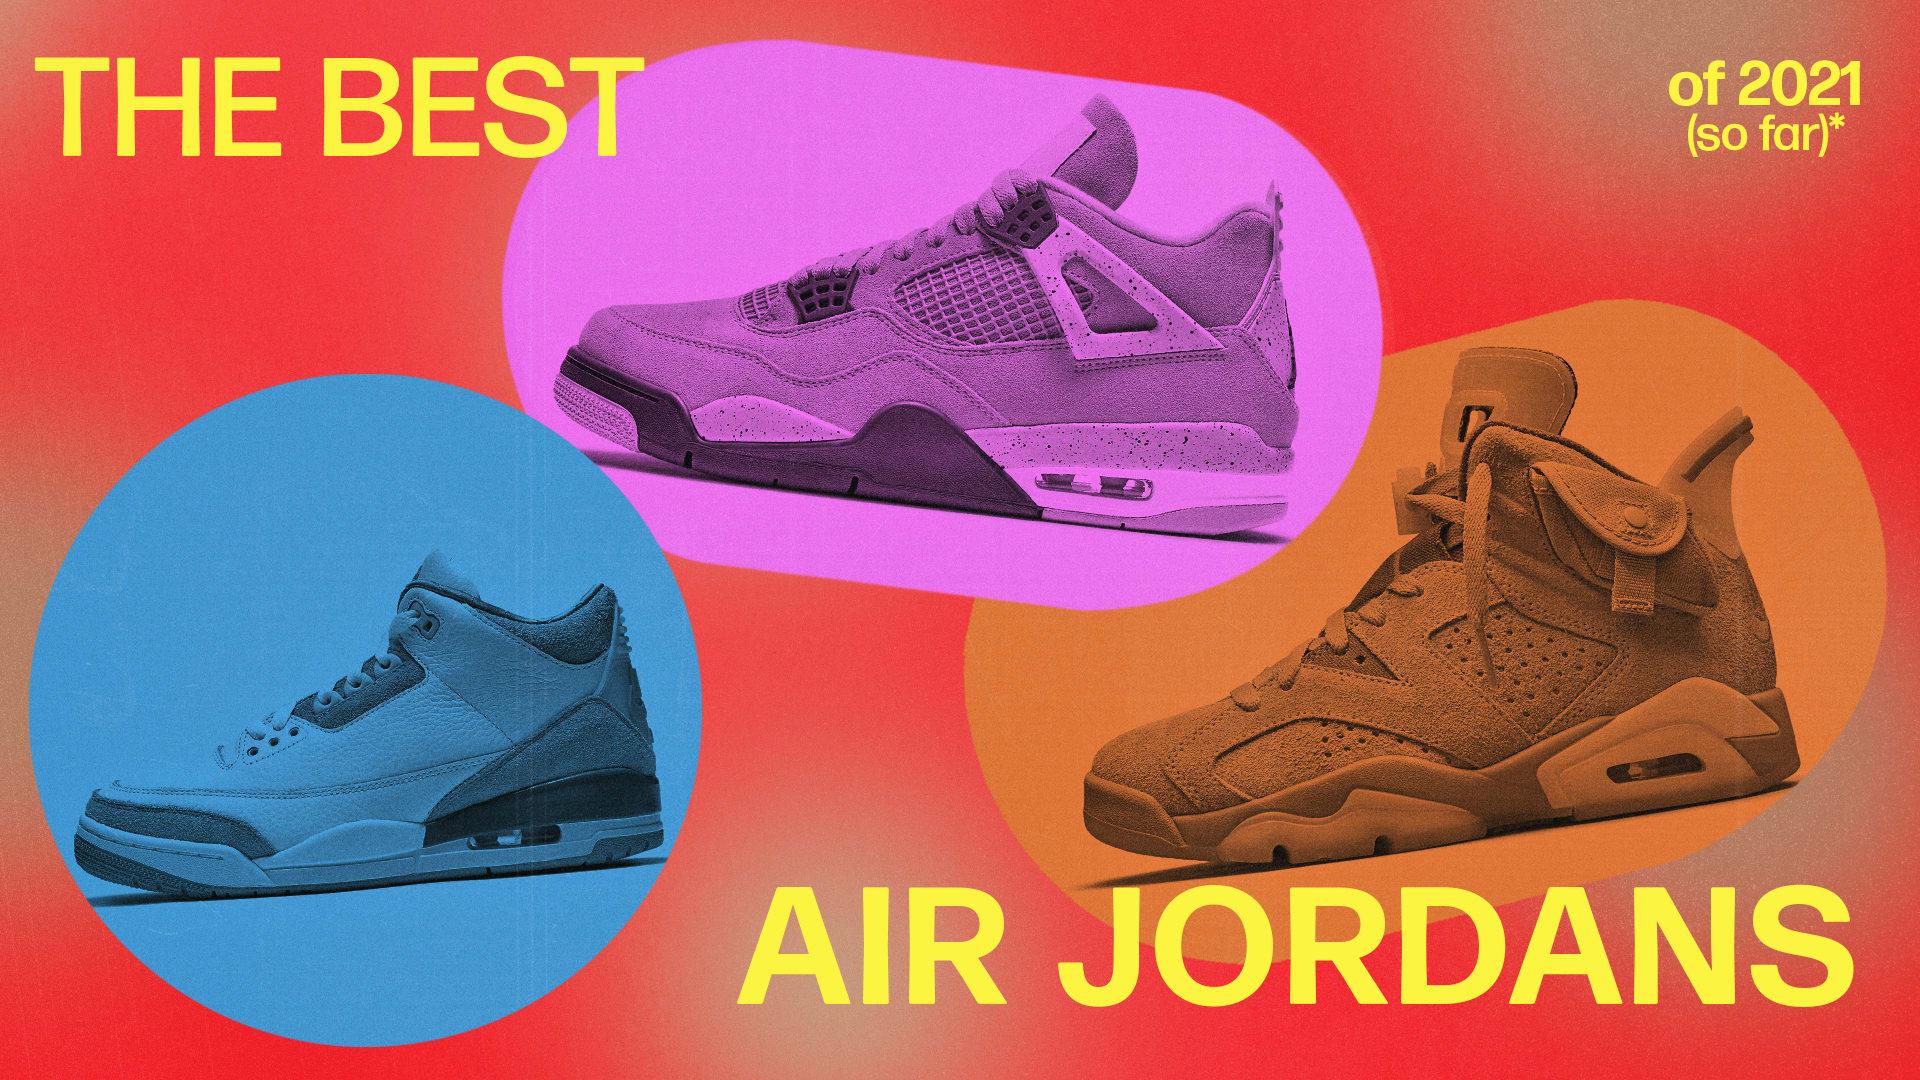 Best Air Jordans 2021 So Far